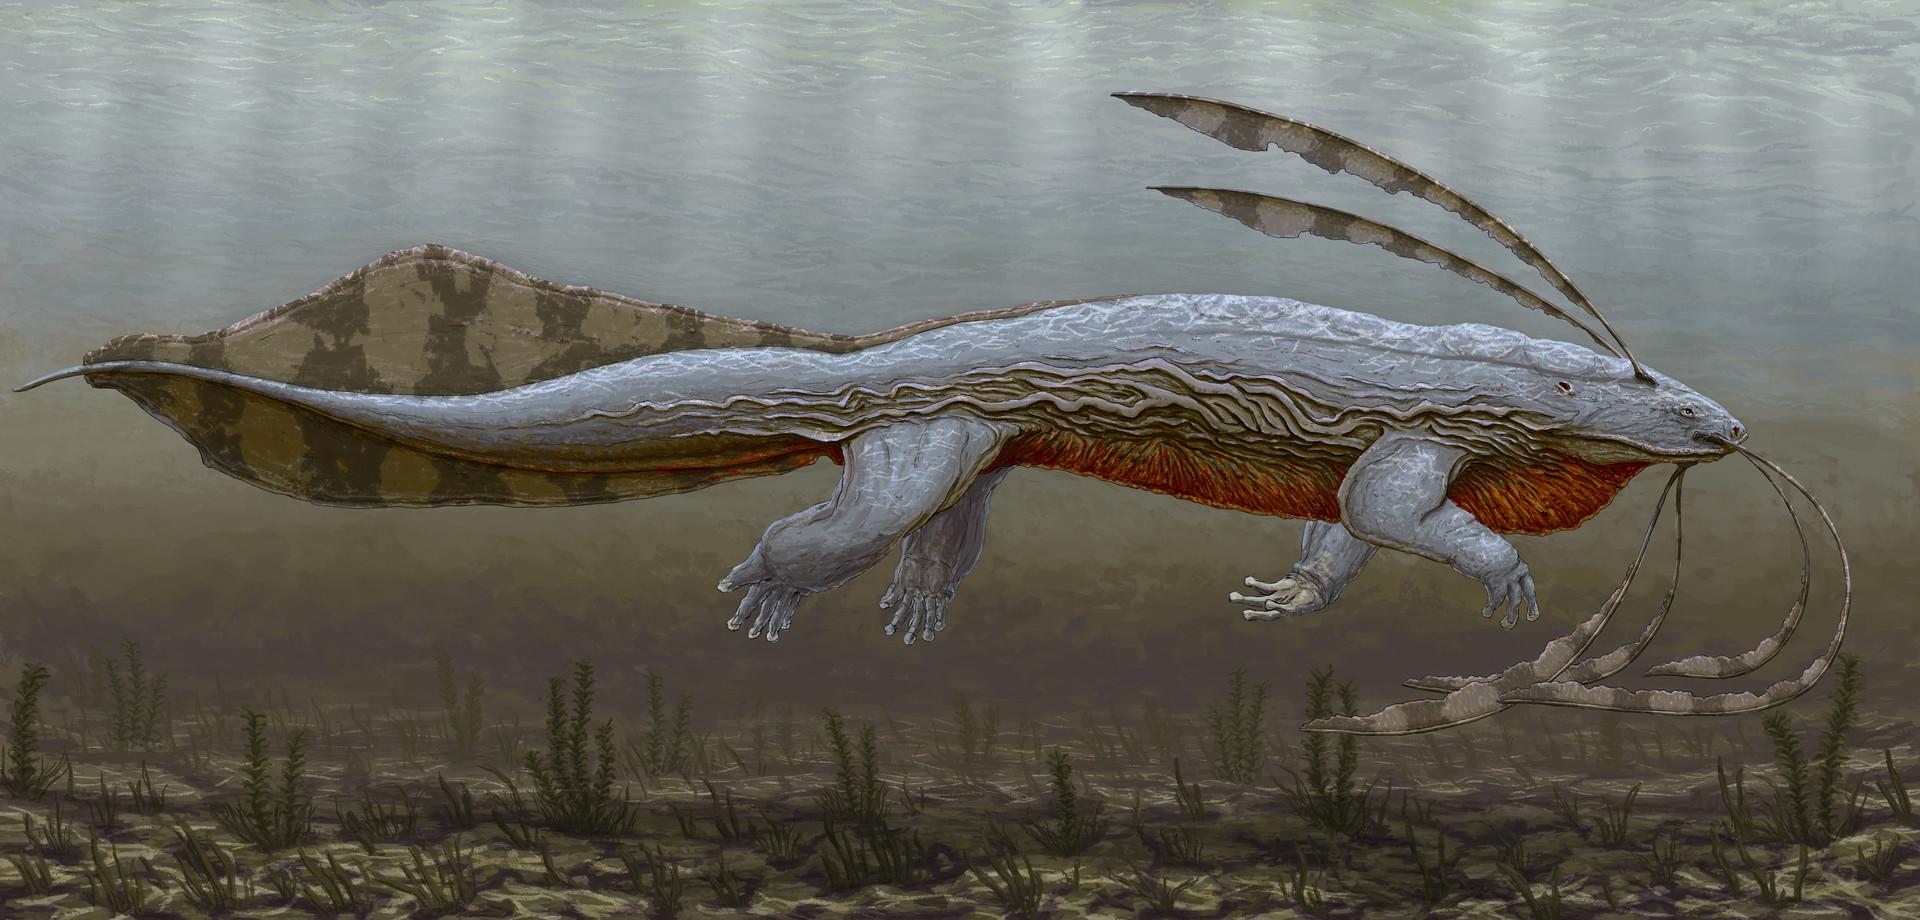 Jordi van hees lesson 2 reptile fish amphibian anatomy homework skin low res